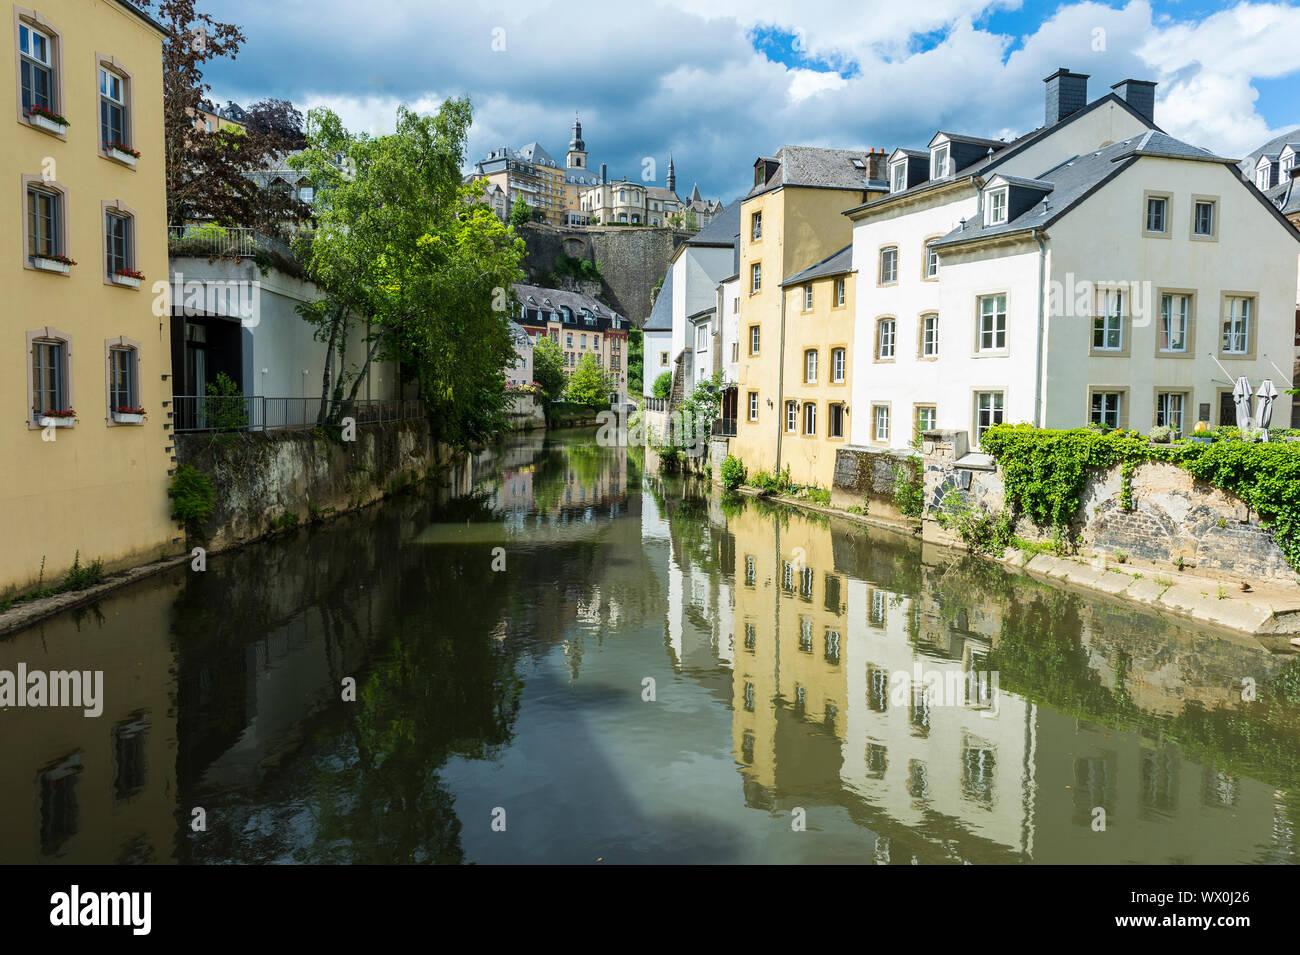 Die Altstadt von Luxemburg, UNESCO-Weltkulturerbe, Luxemburg, Europa Stockfoto